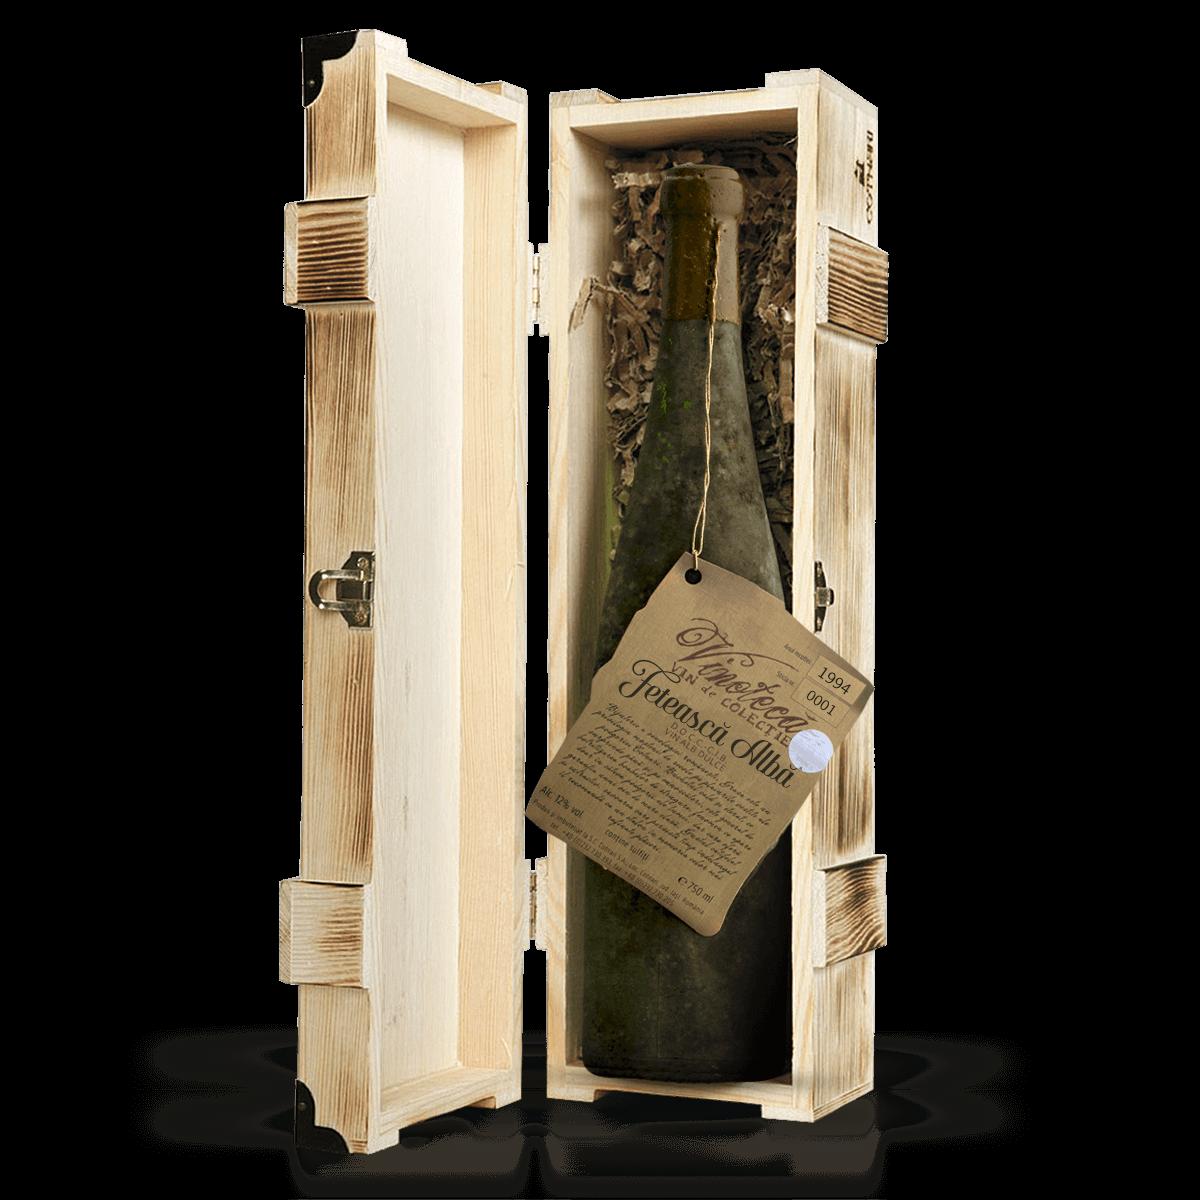 Feteasca-Alba-Vinoteca-1994-cutie-lemn